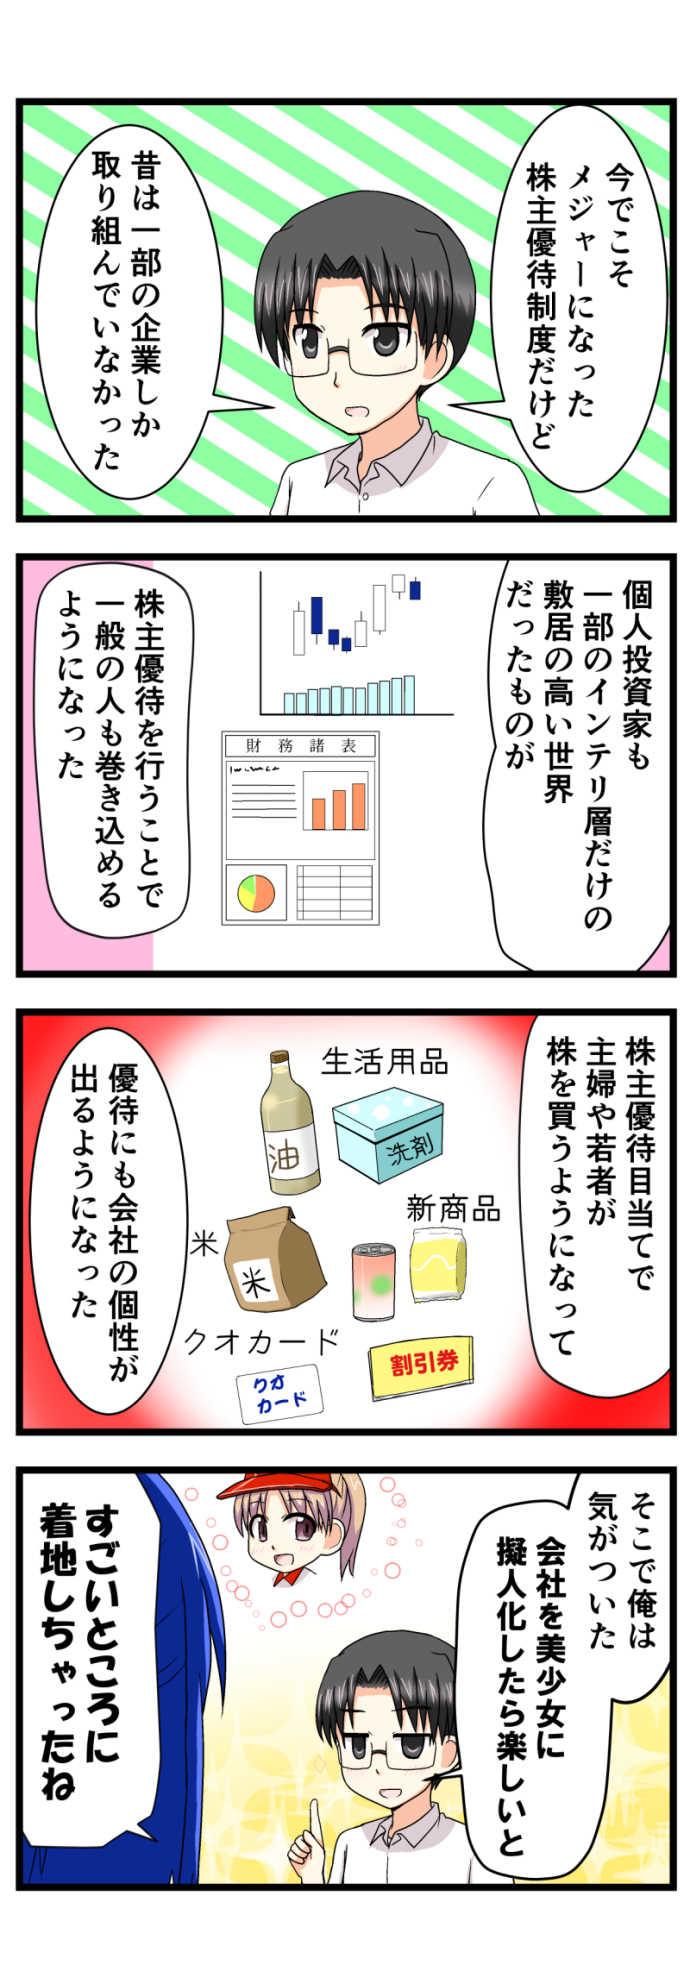 萌える株講座2